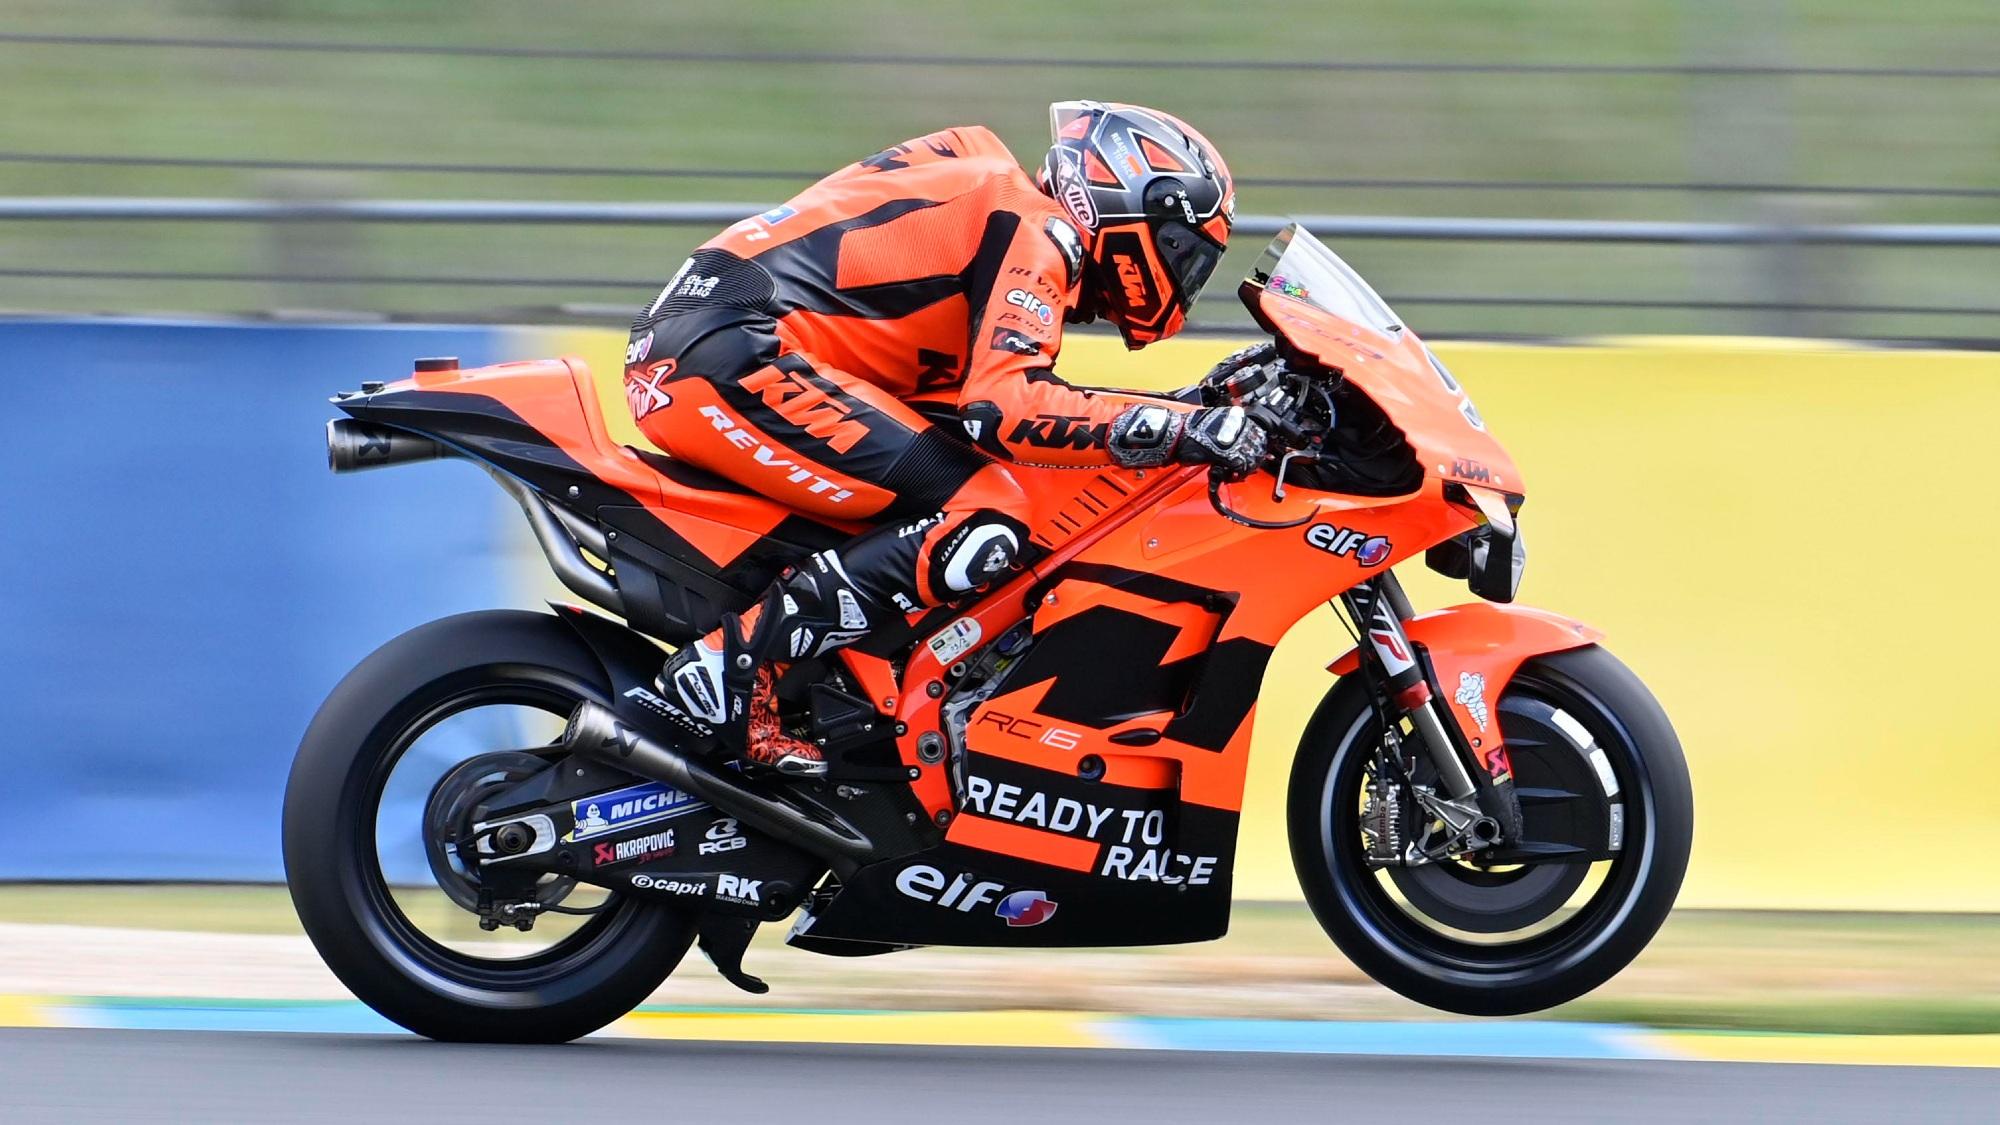 Danilo Petrucci, 2021 MotoGP